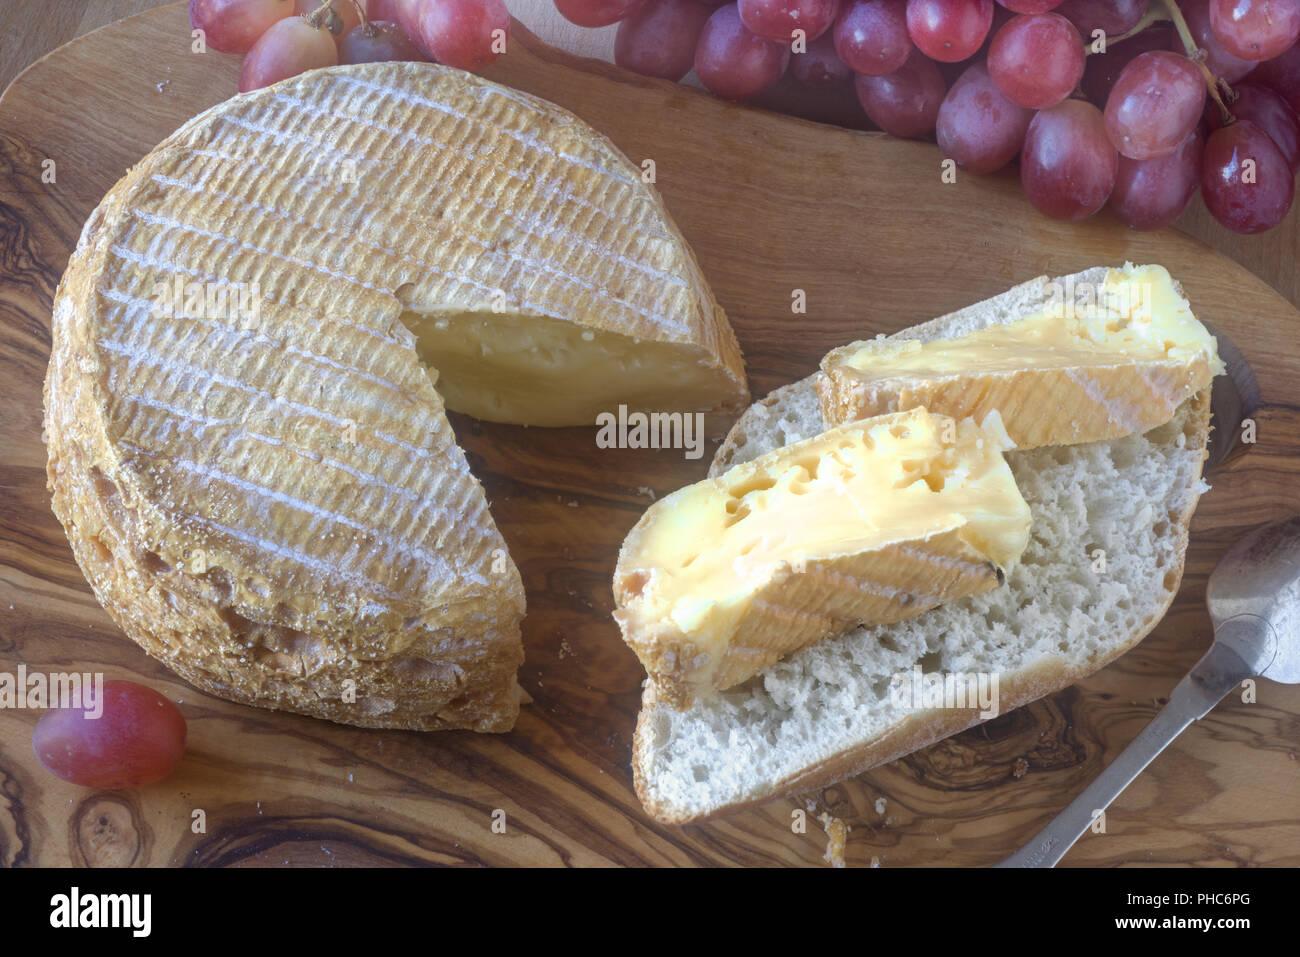 Livarot, fromage français; fromage français de Normandie Photo Stock